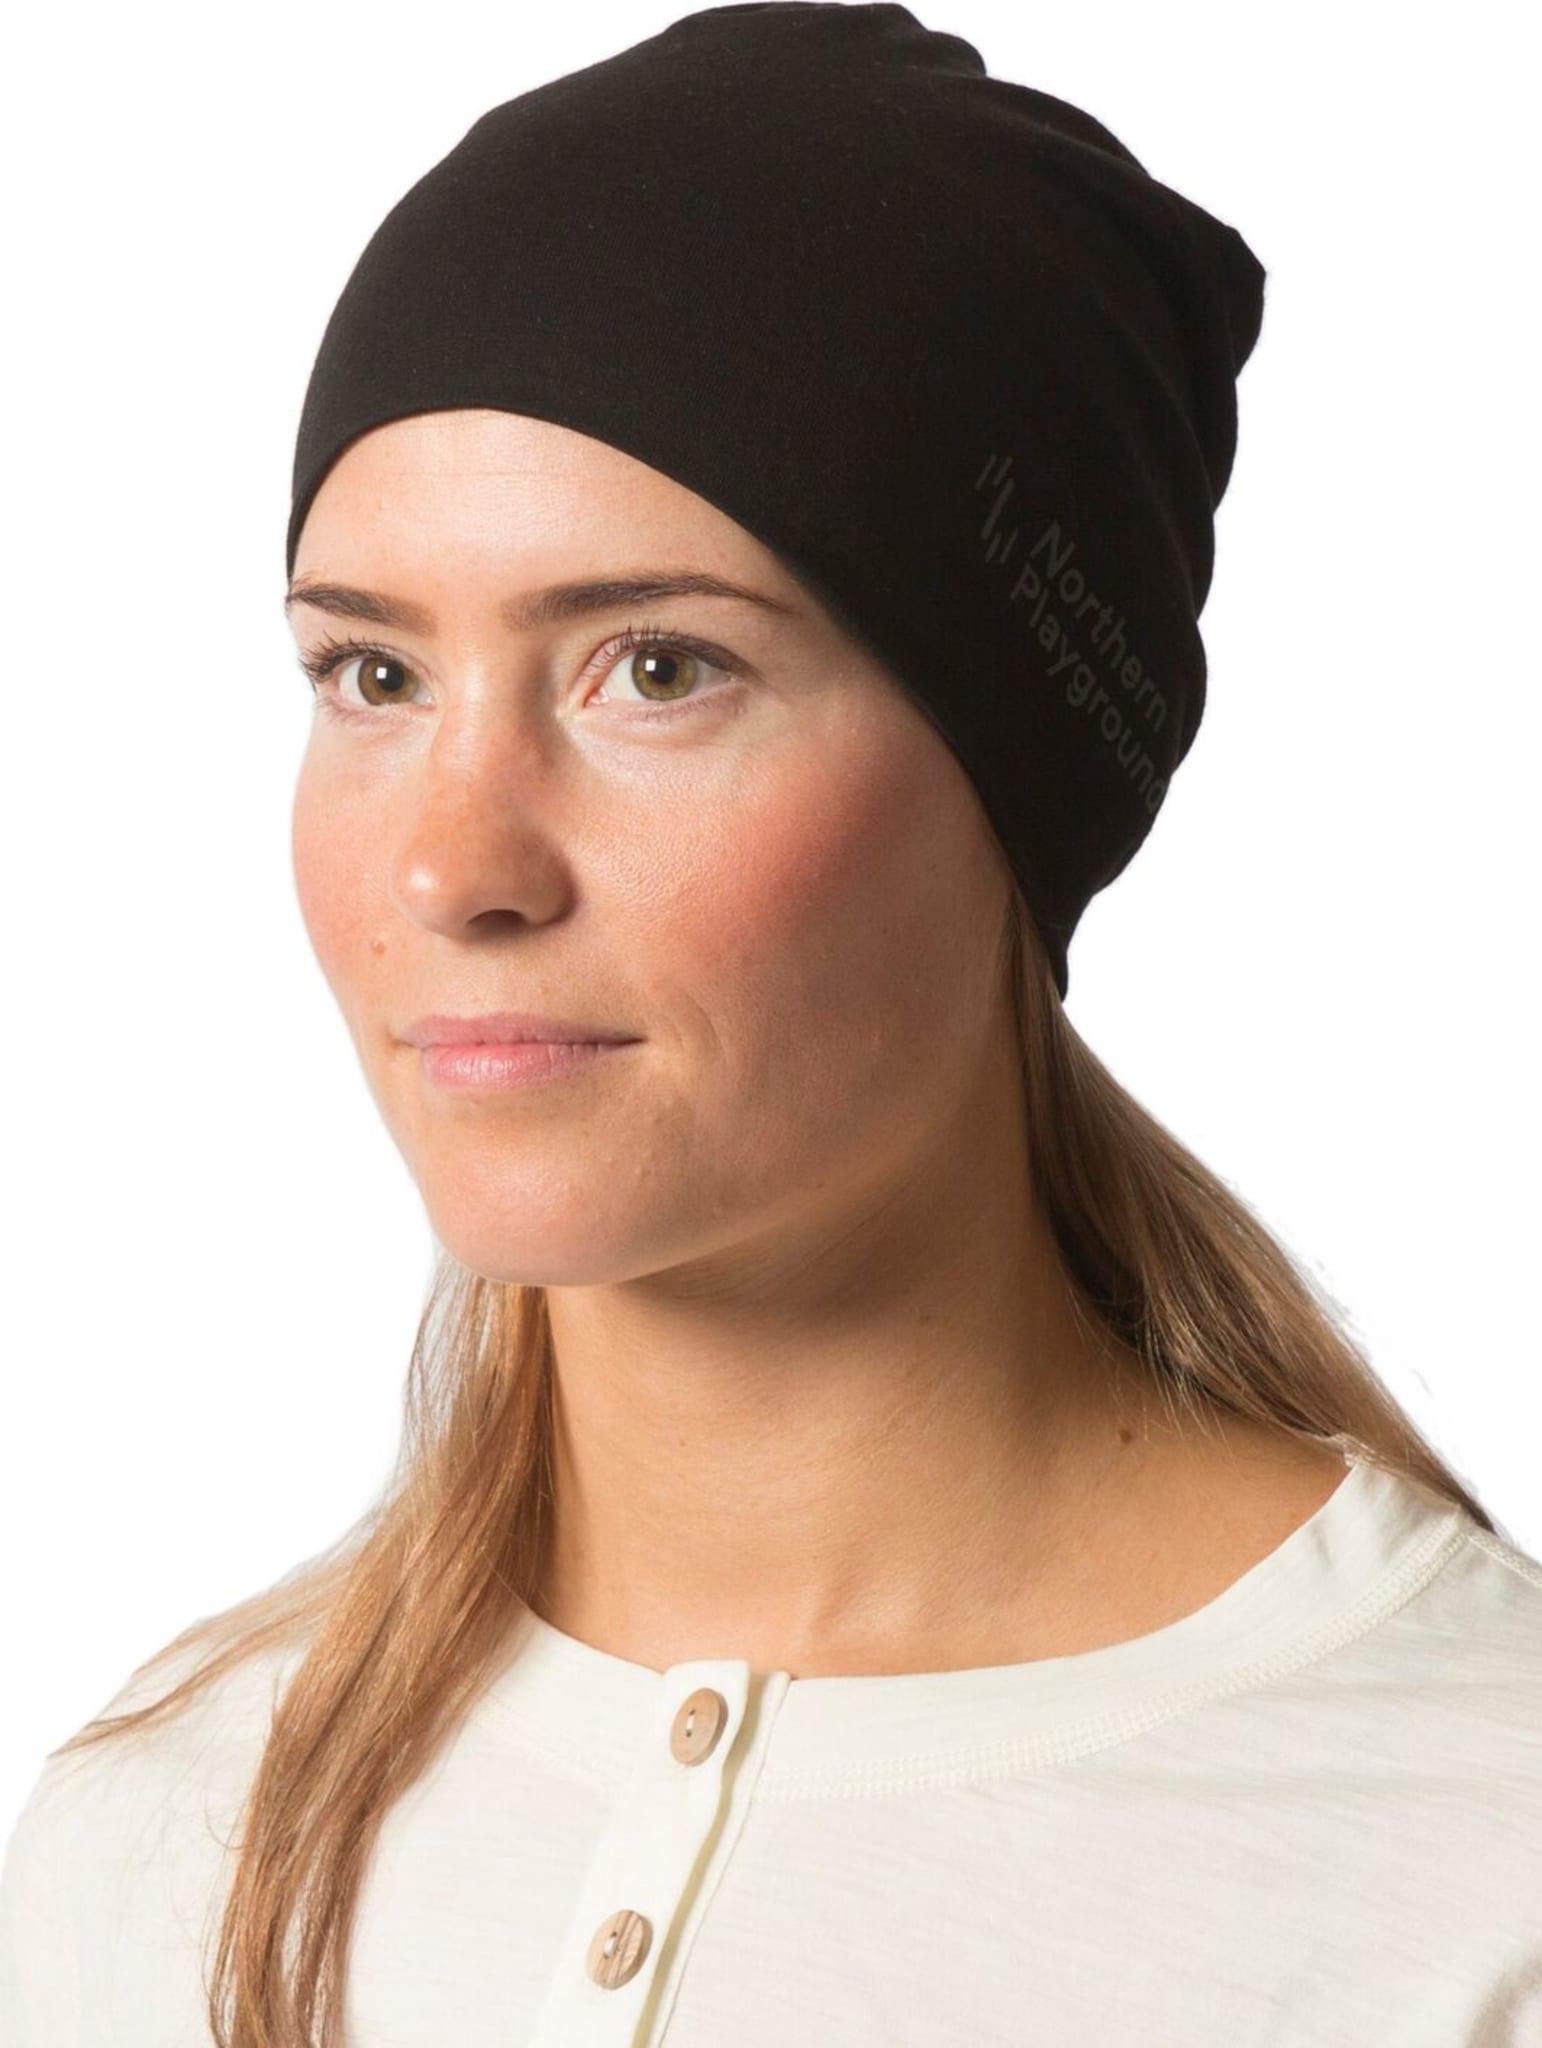 Tynn lue i ull til bruk på byen, i fjellet eller under hjelmen